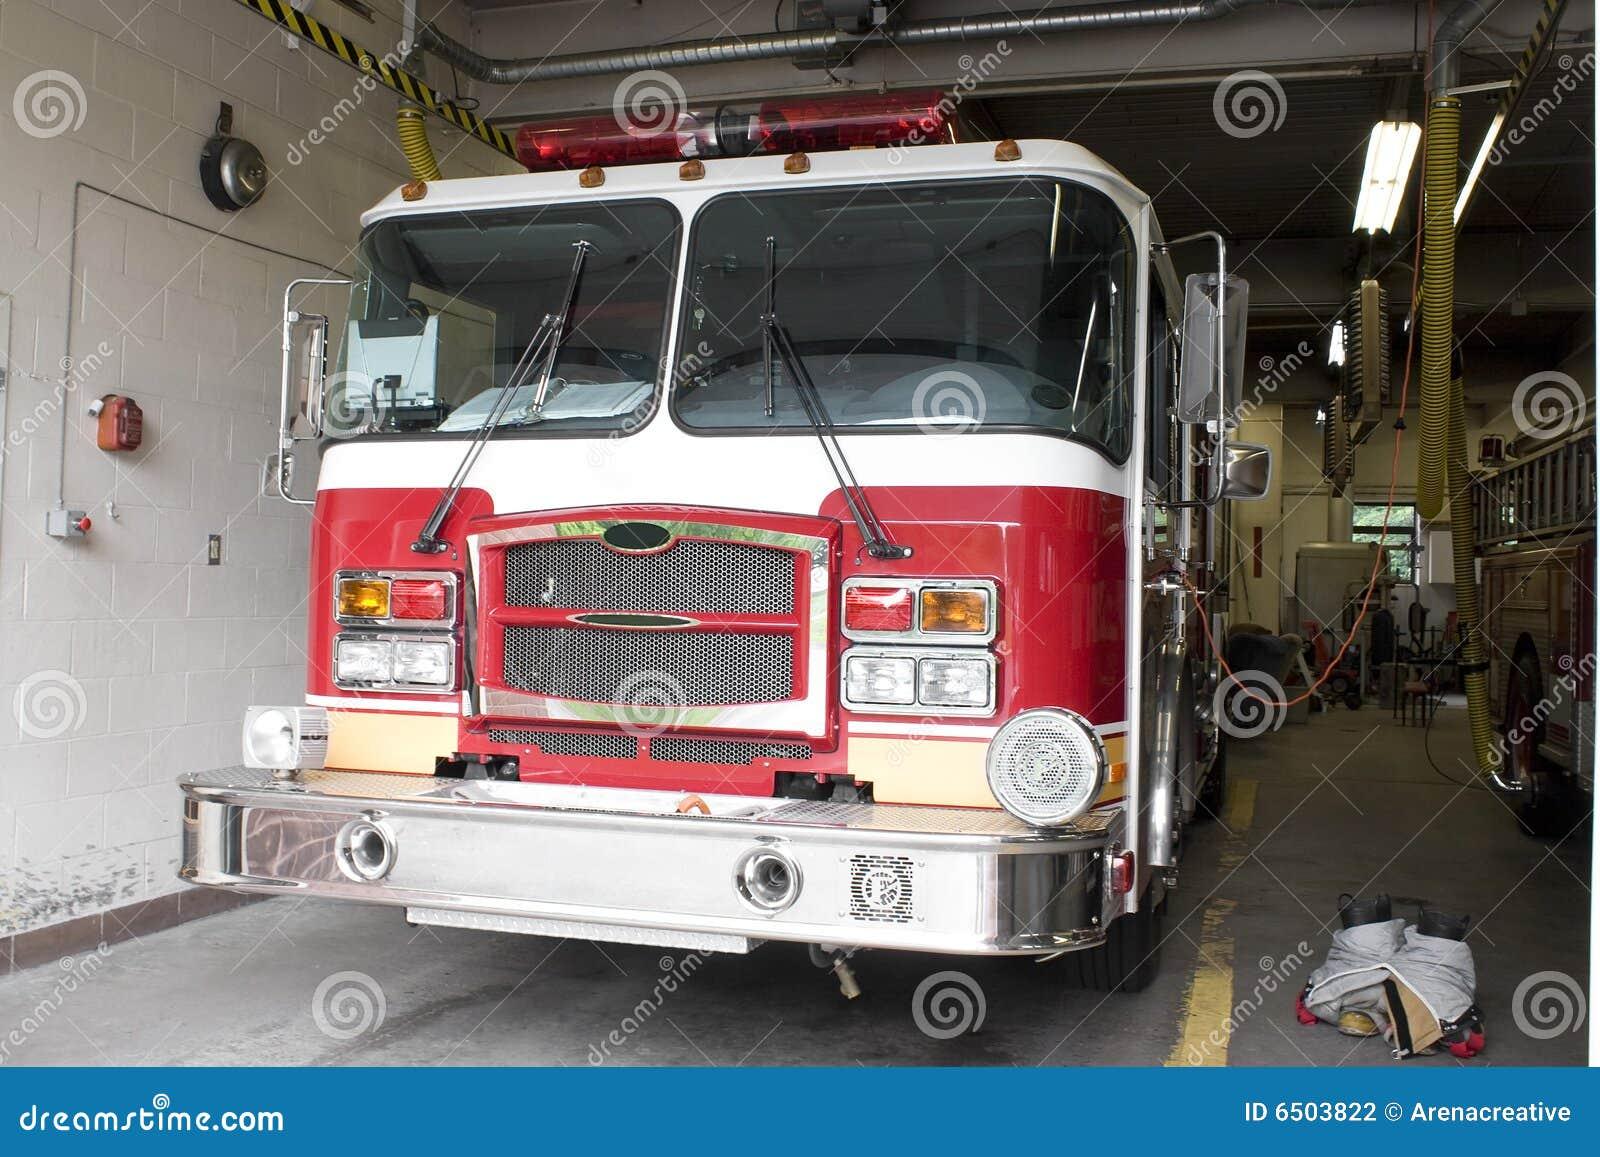 Brand New Fire Truck